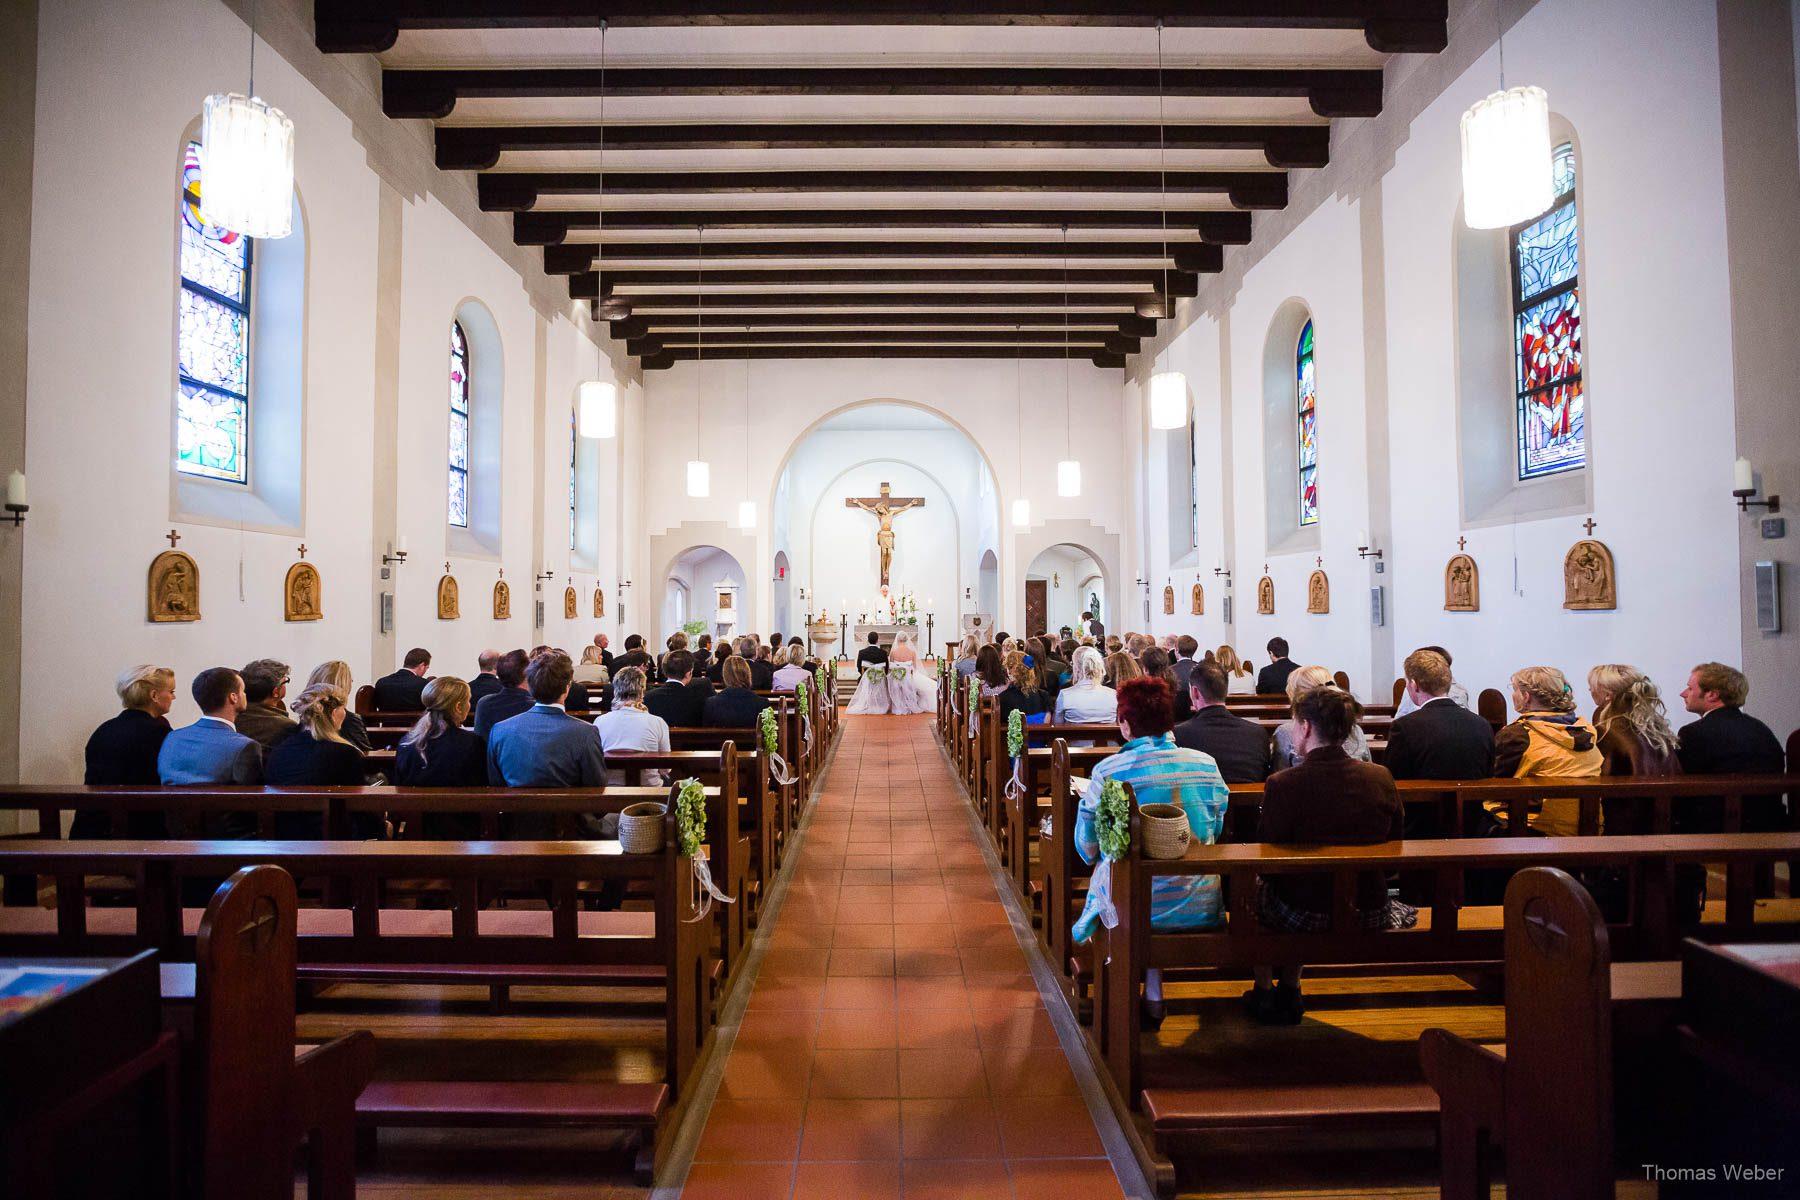 Hochzeitsfotograf in Rastede: St.-Marien-Kirche